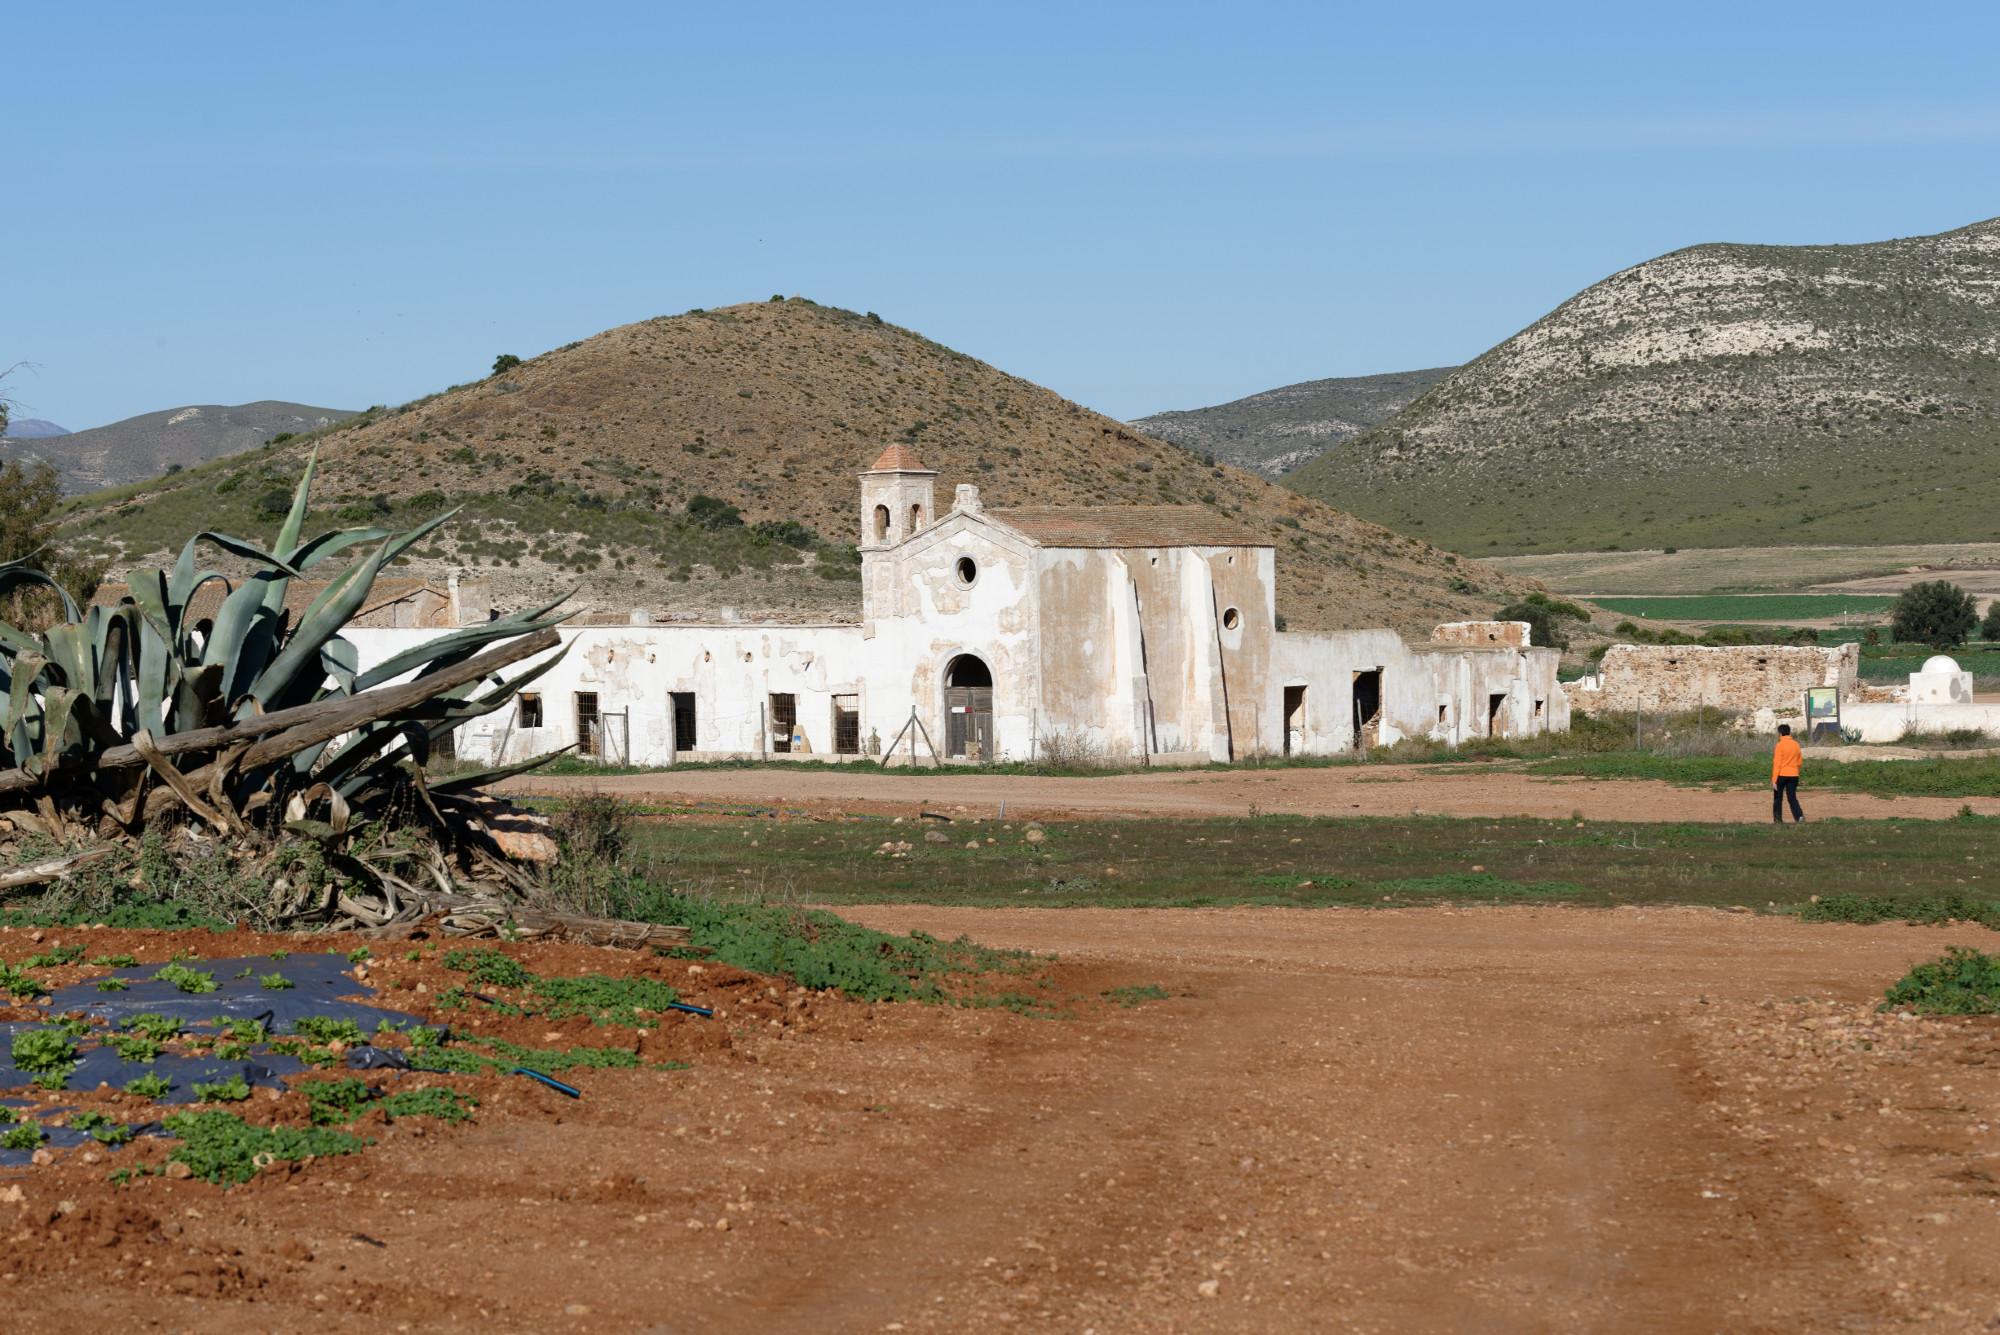 171218-Piste Rodalquilar vers Cortijo del Fraile (Cabo de Gata-Andalousie) (67)